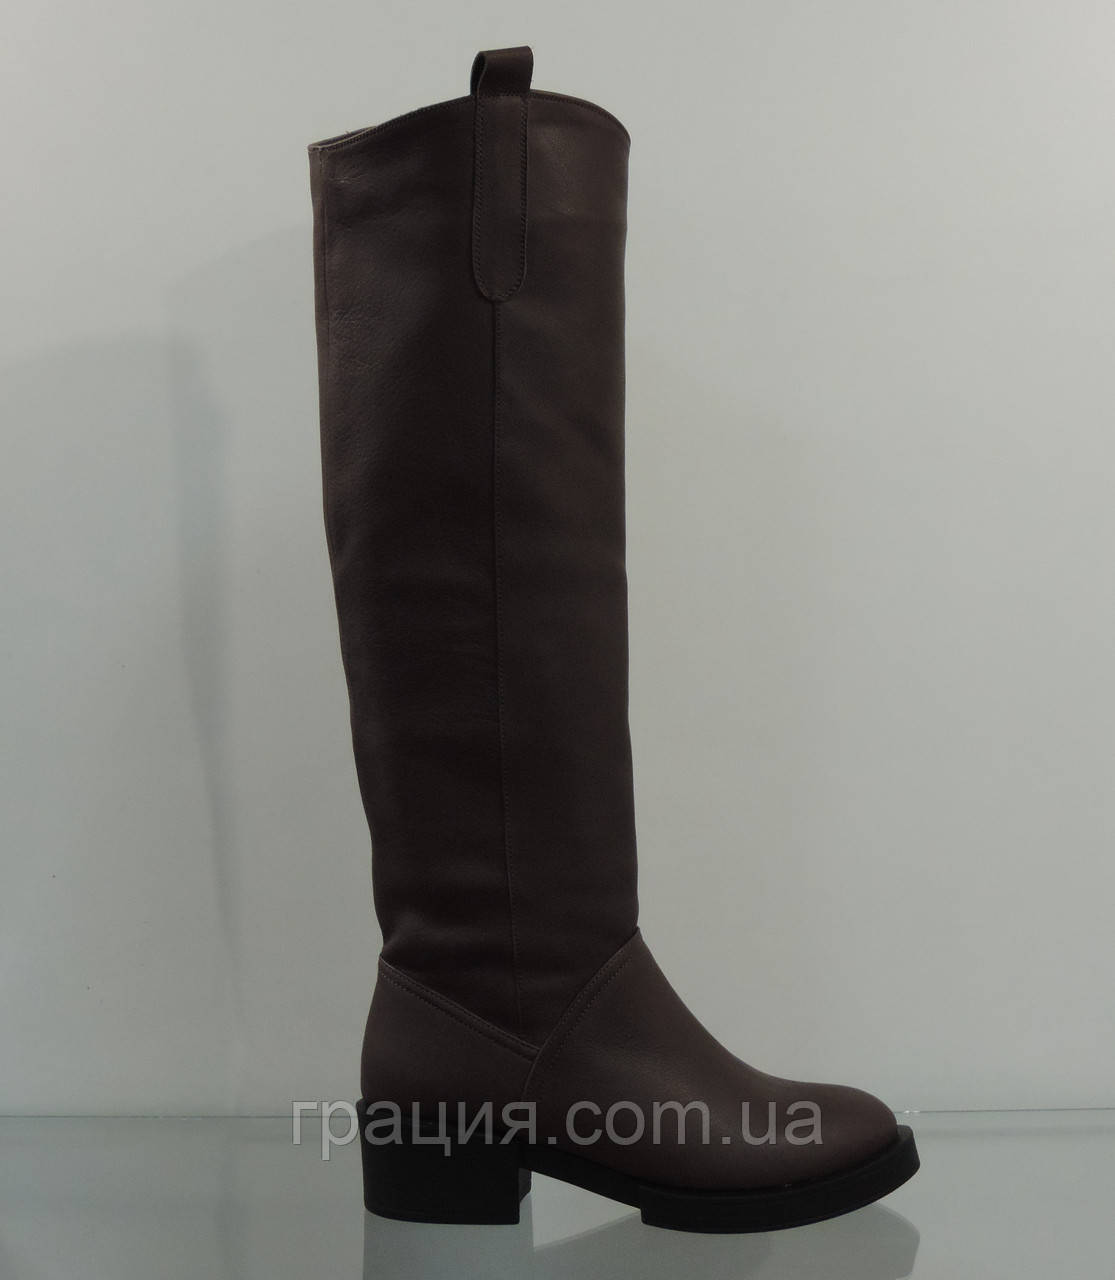 Молодежные зимние кожаные сапожки коричневые